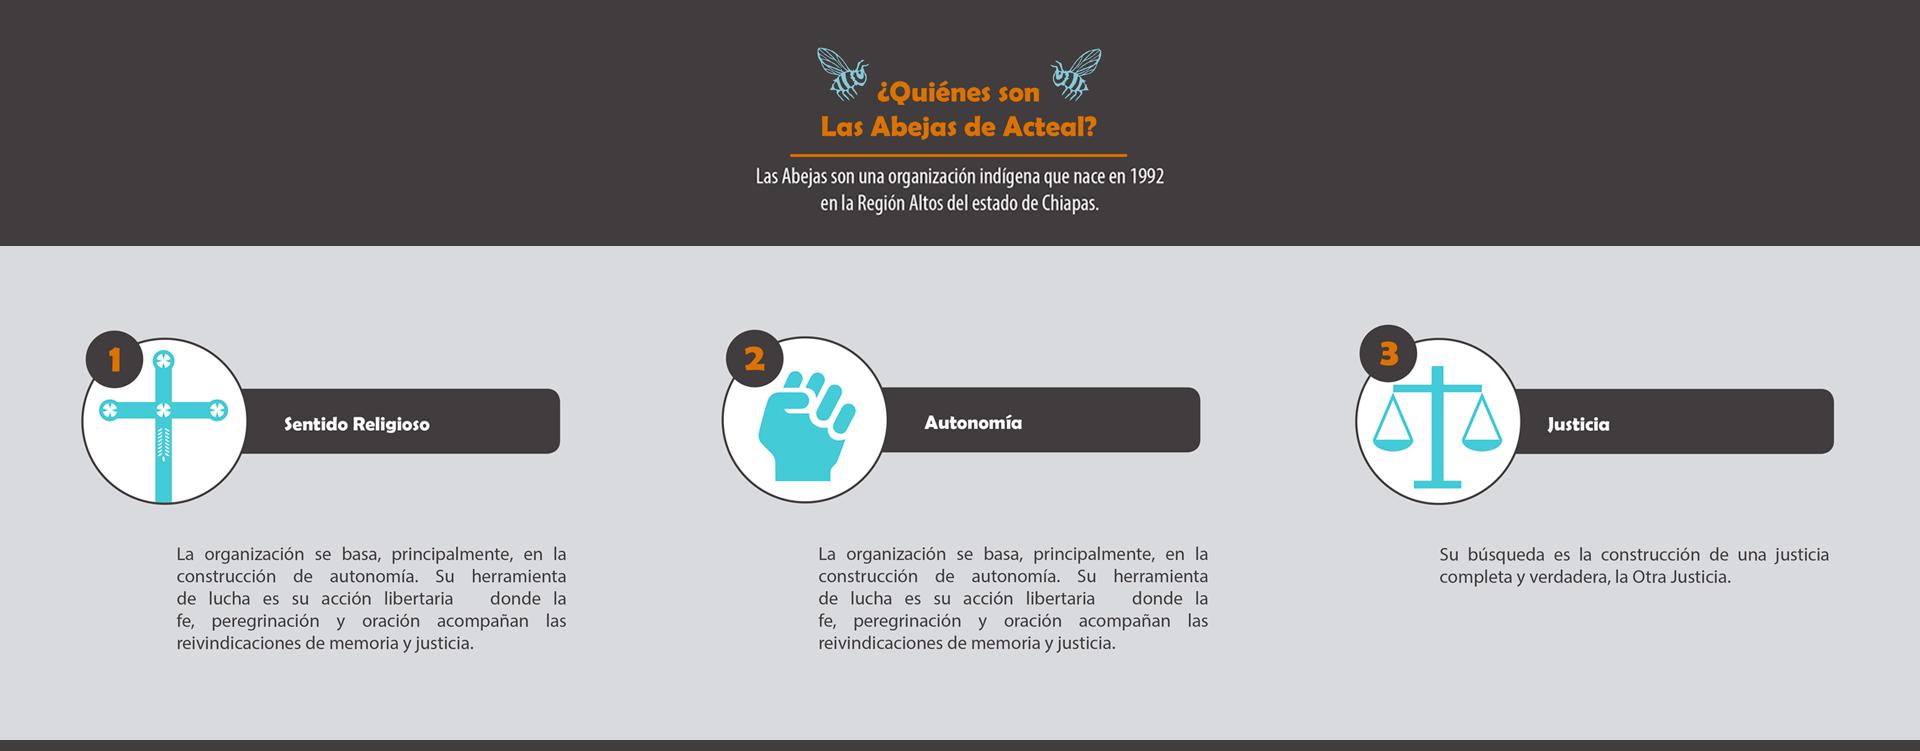 Micrositio / Desplazamiento forzado y resistencia de Las Abejas